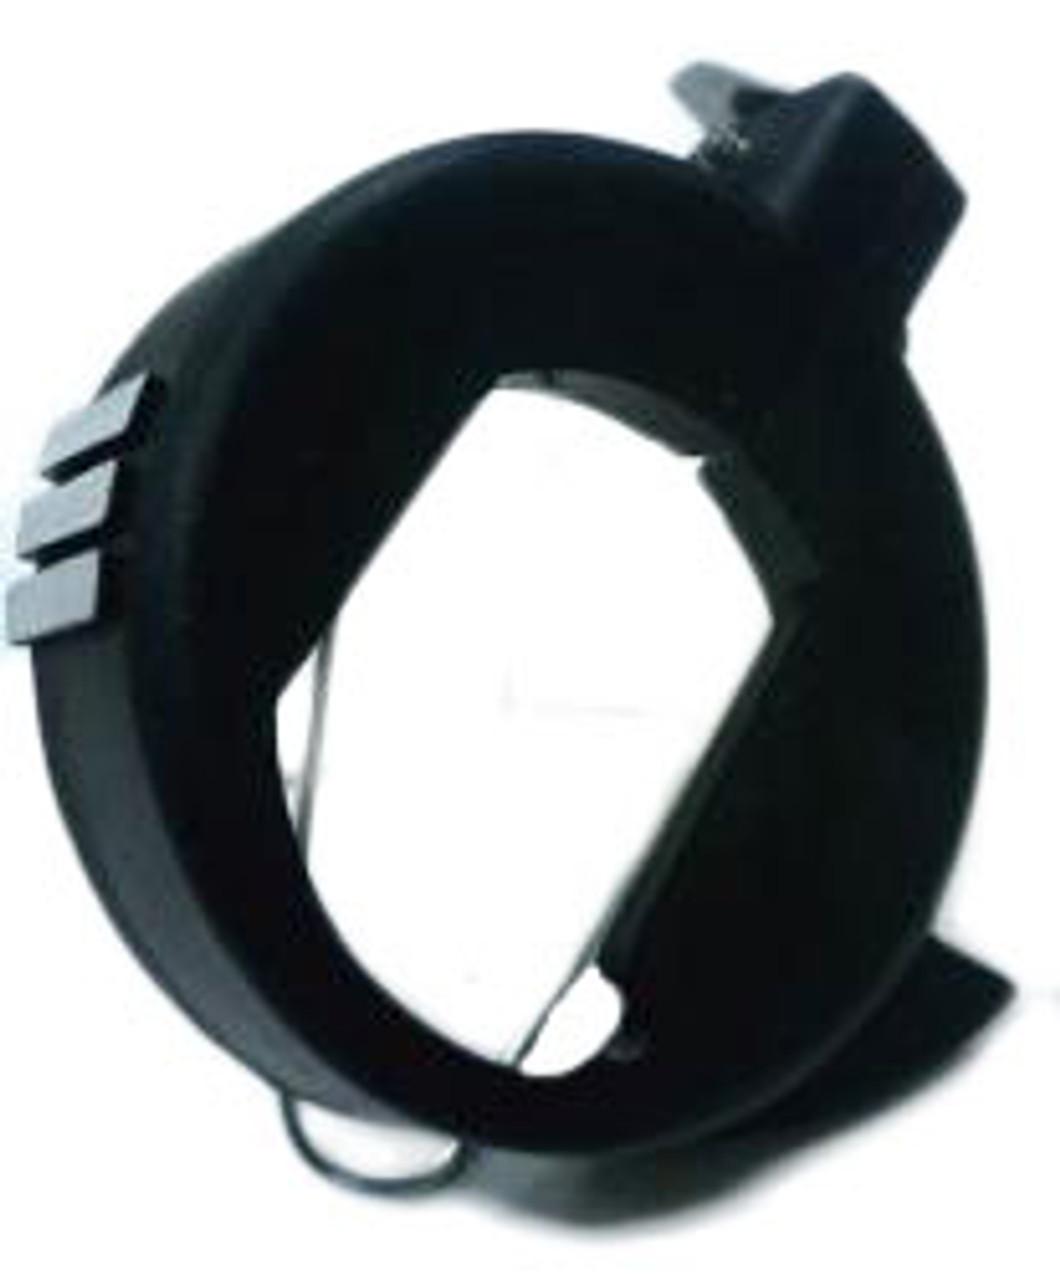 Amplifier Mounting Bracket